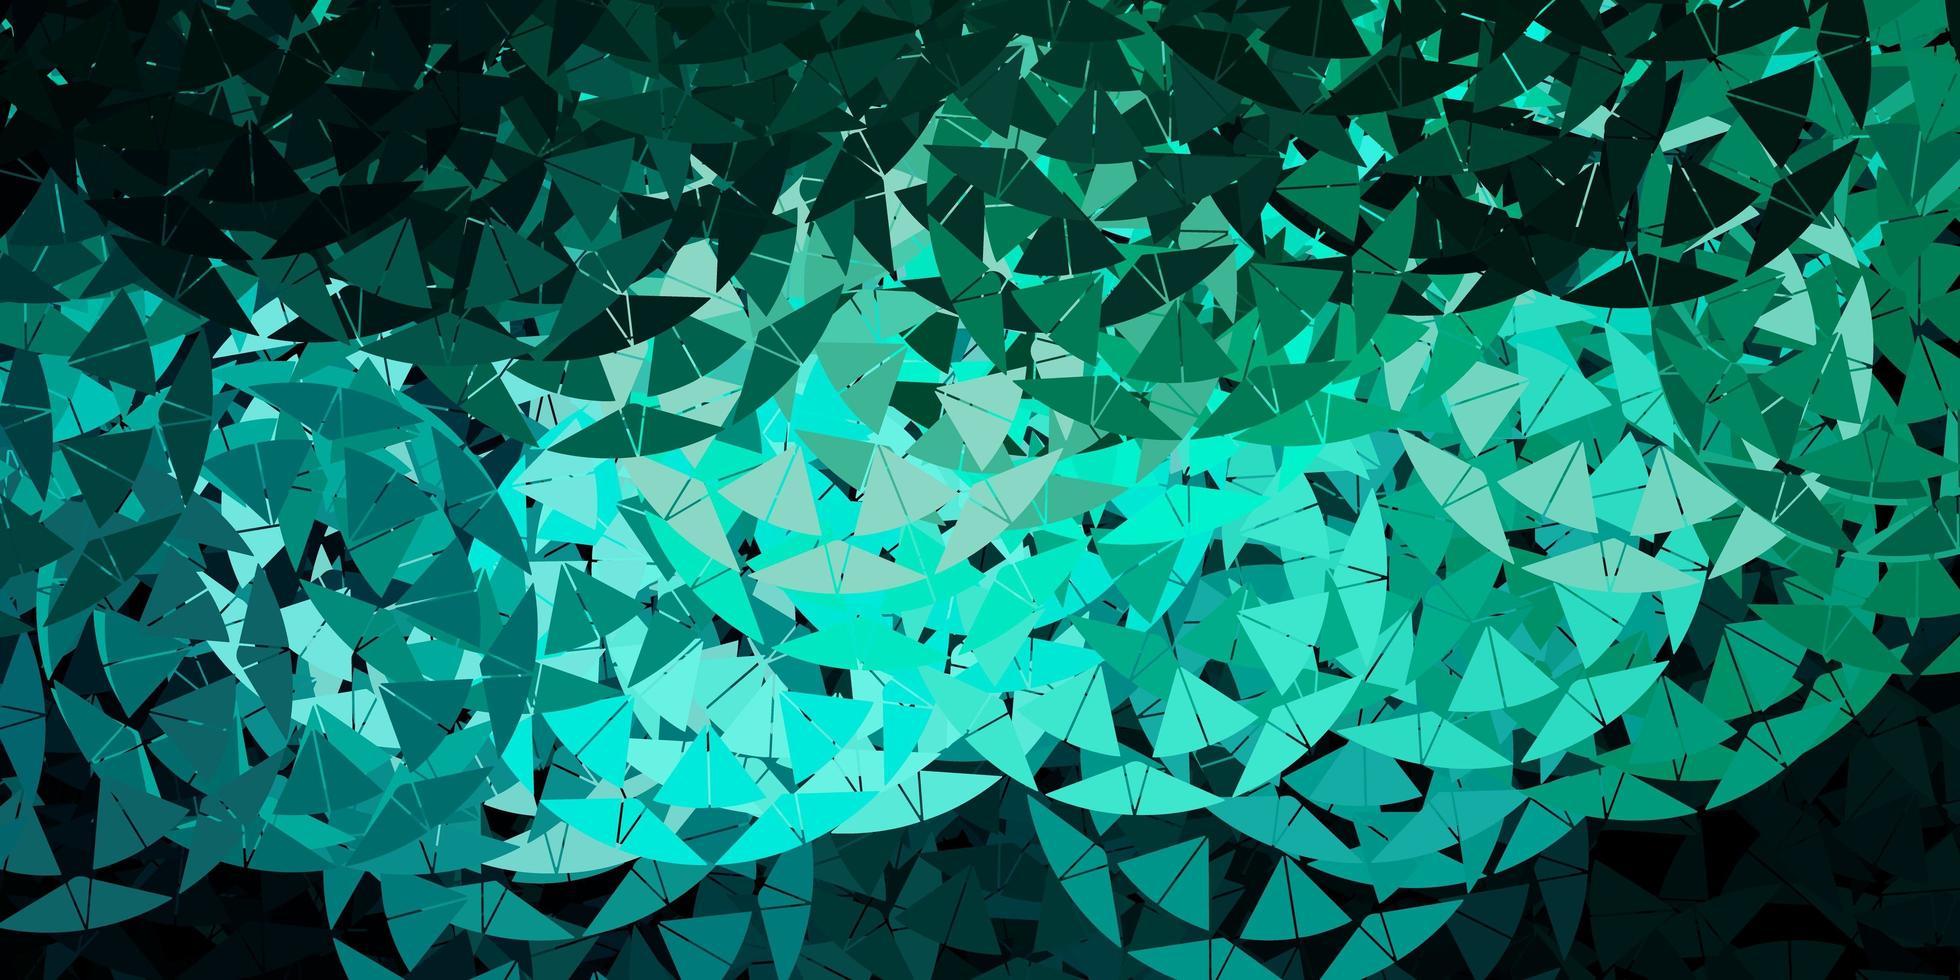 modelo de vetor verde claro com formas de triângulo.